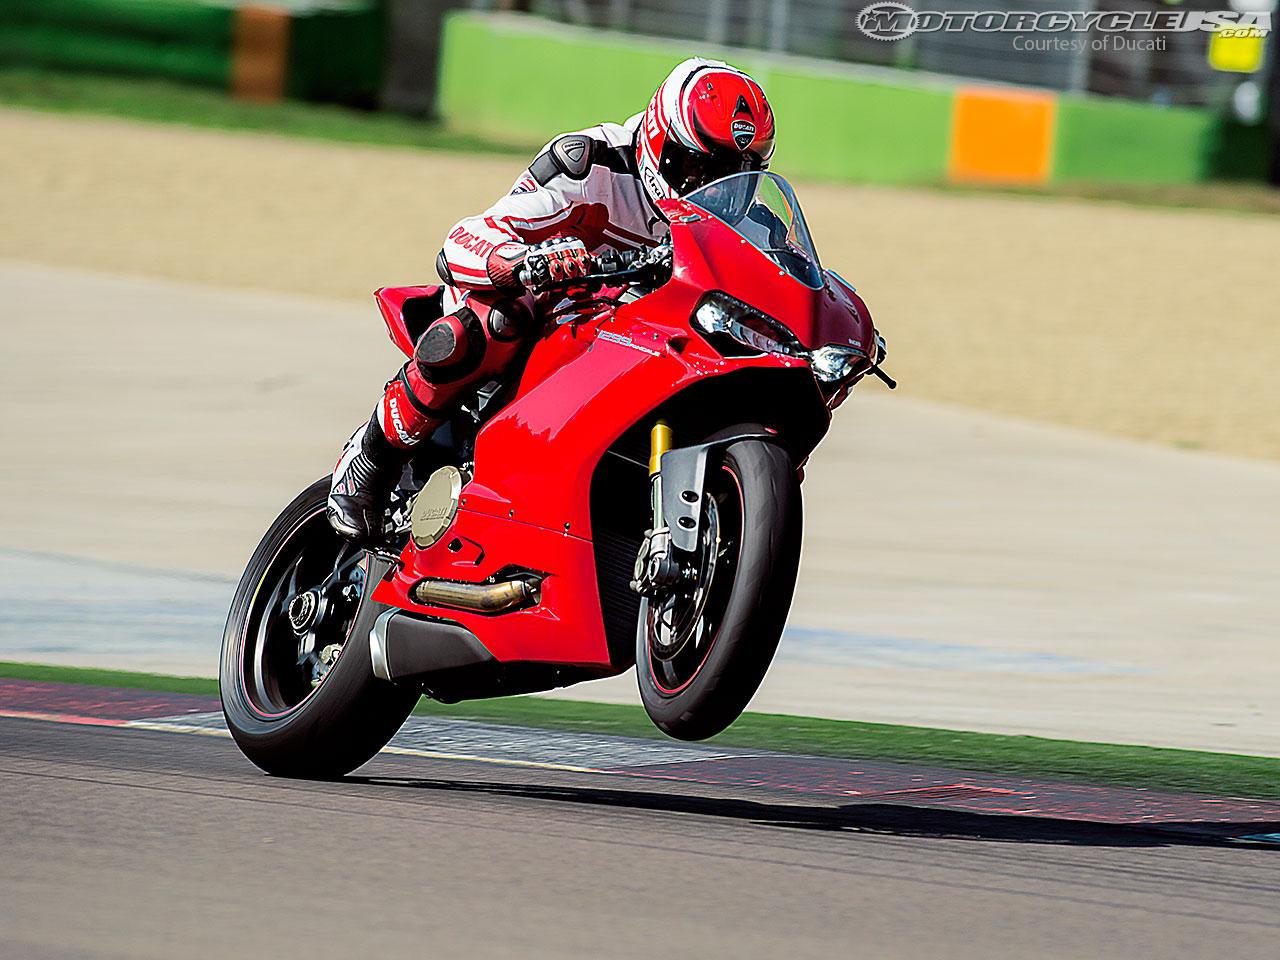 Ducati Panigale Wallpaper - WallpaperSafari